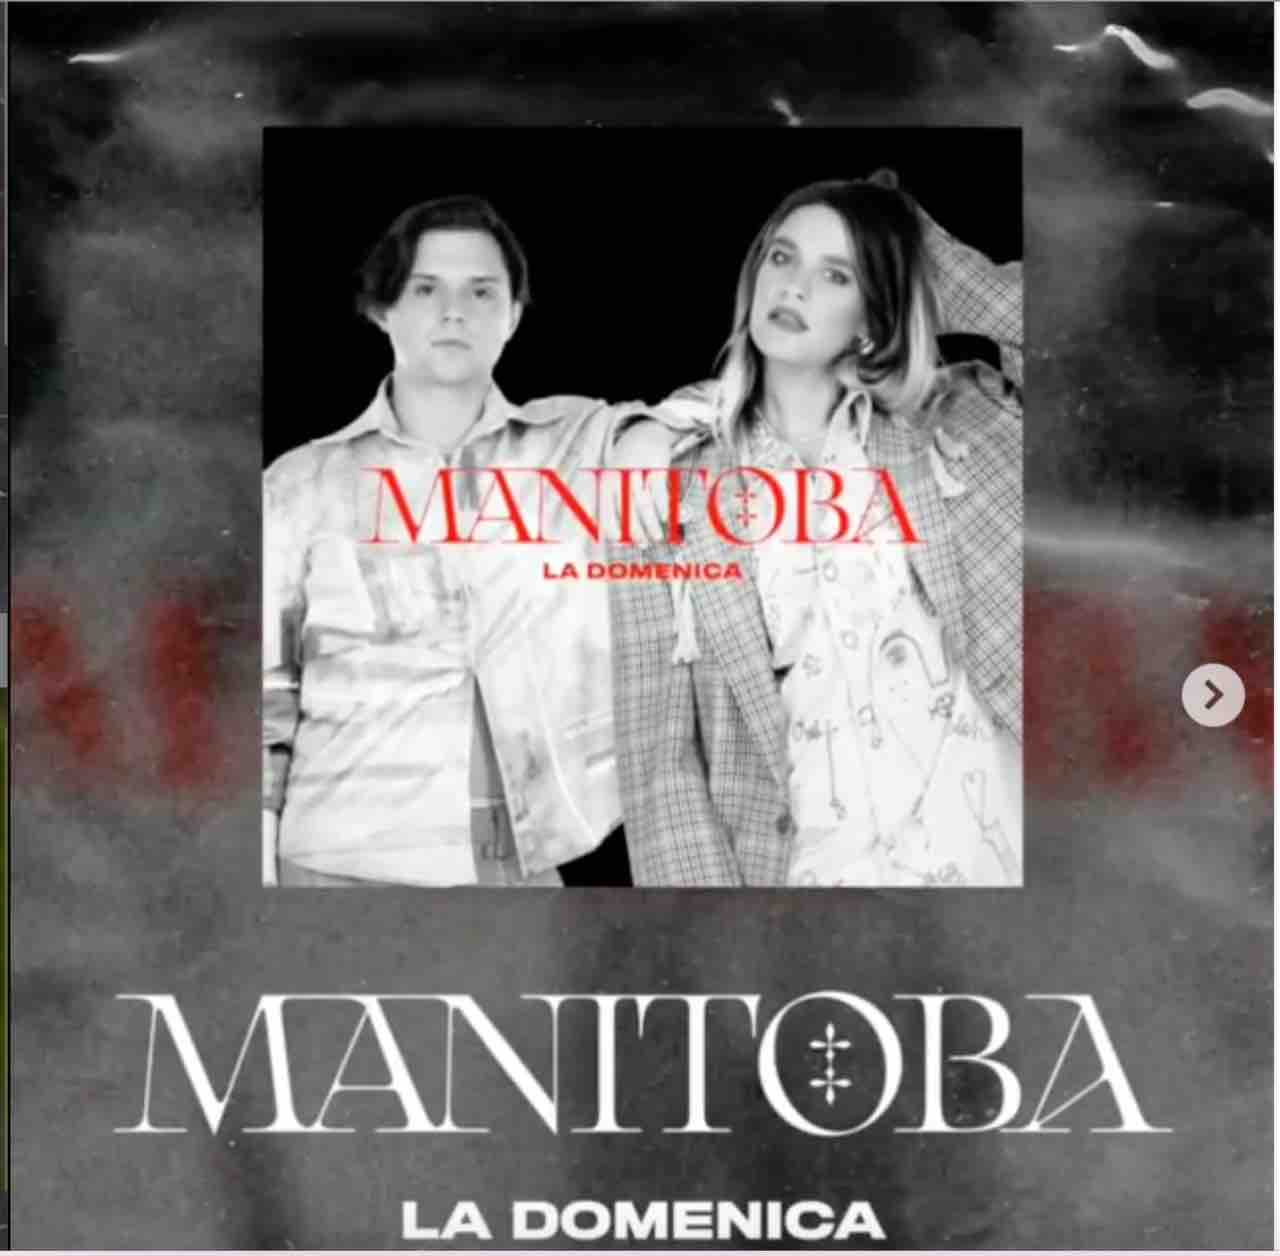 Manitoba La Domenica